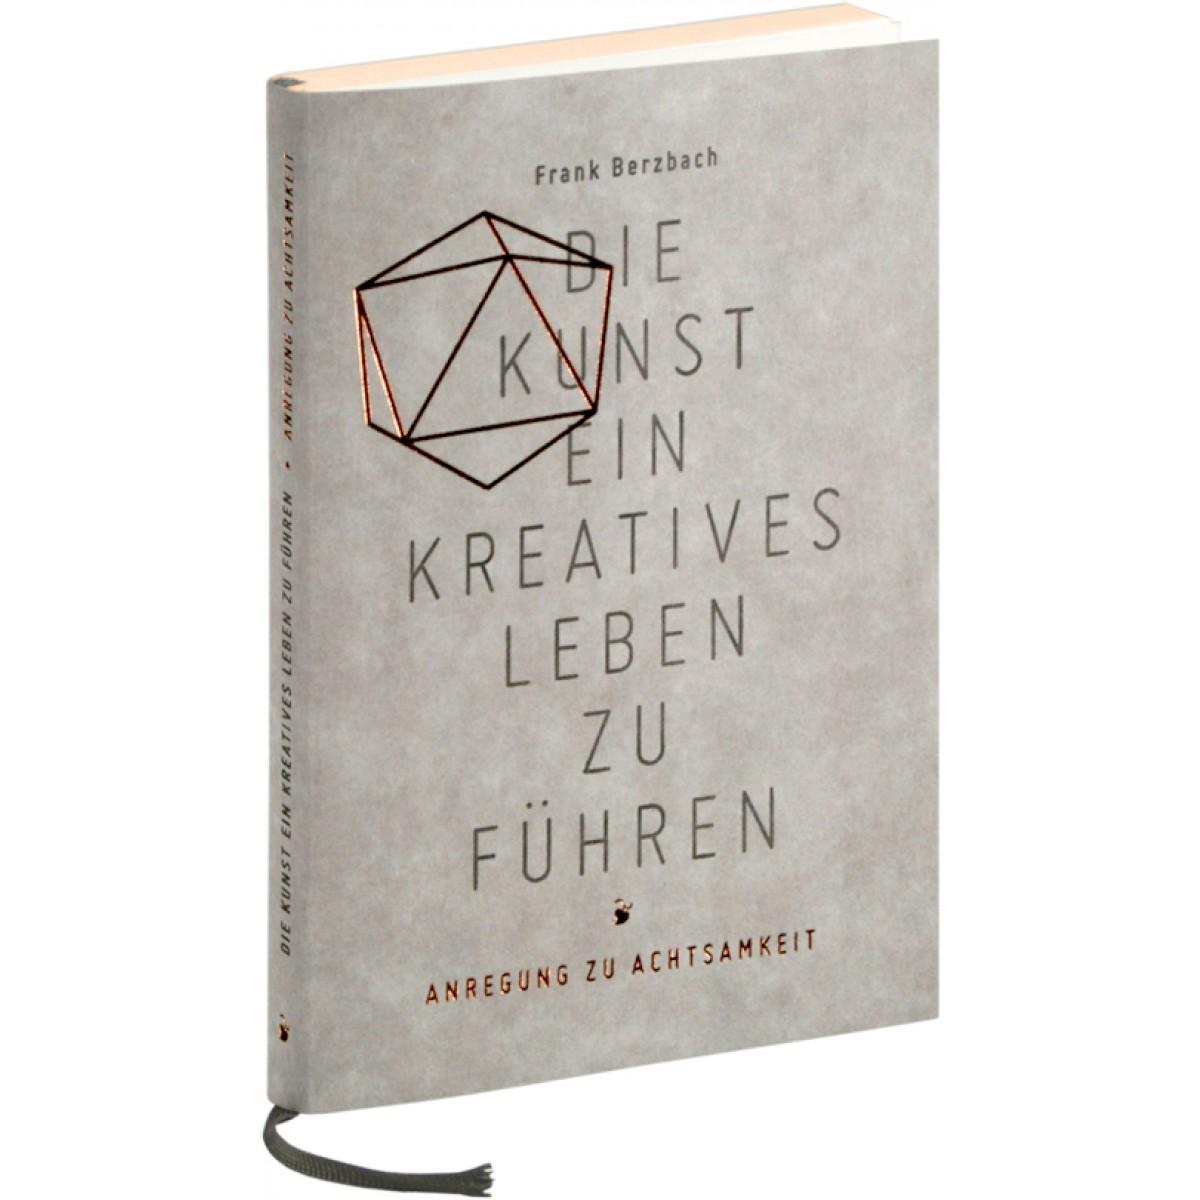 Frank Berzbach: Die Kunst, ein kreatives Leben zu führen. Anregung zu Achtsamkeit